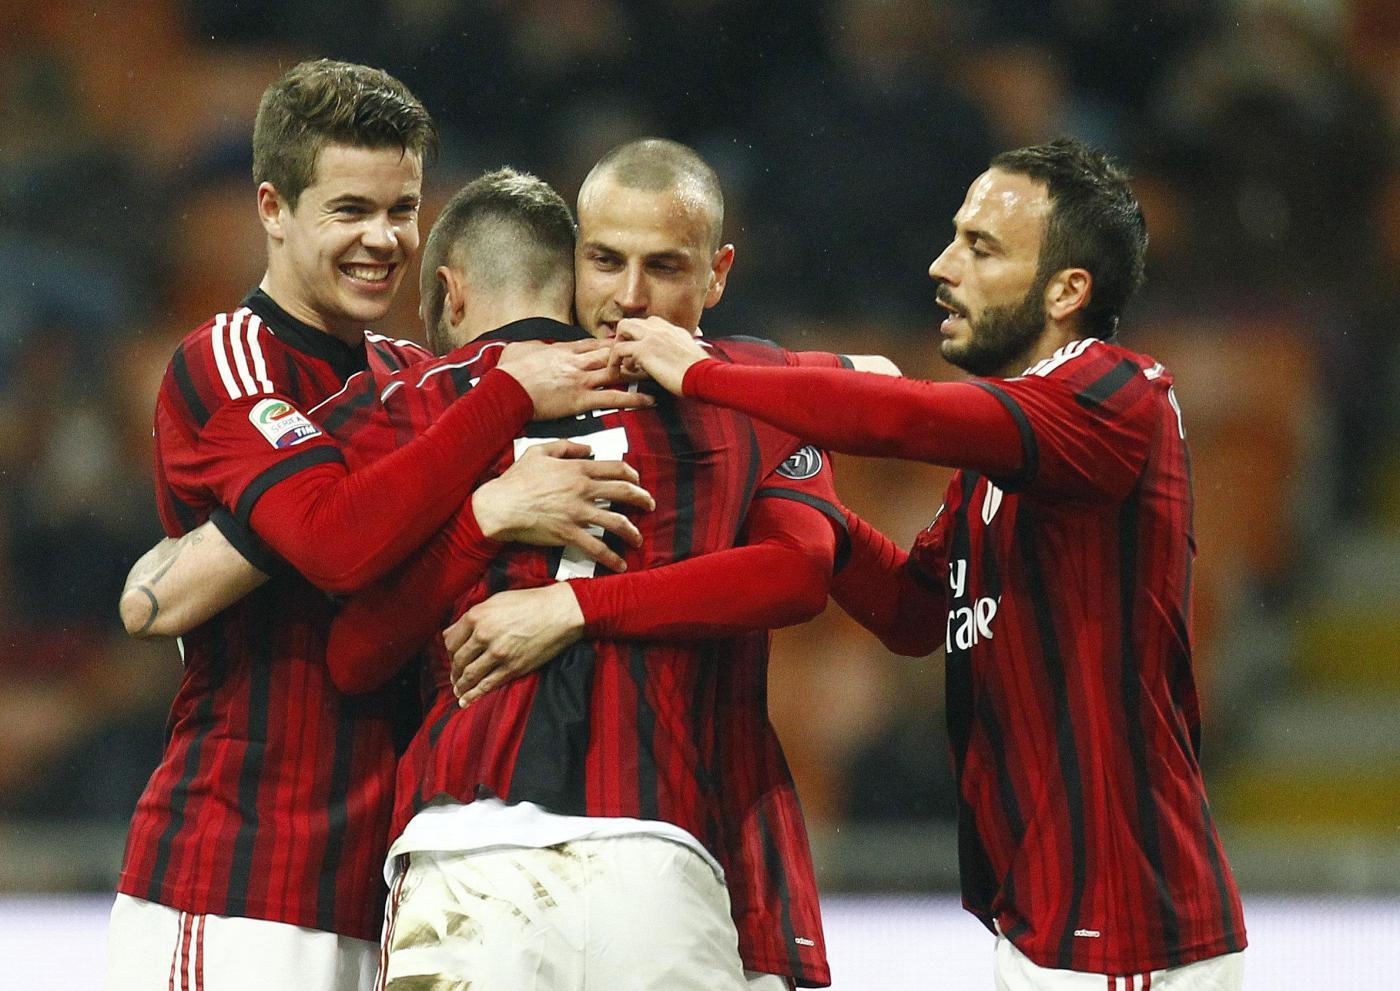 Milan vs Cagliari 3-1: Inzaghi prende fiato